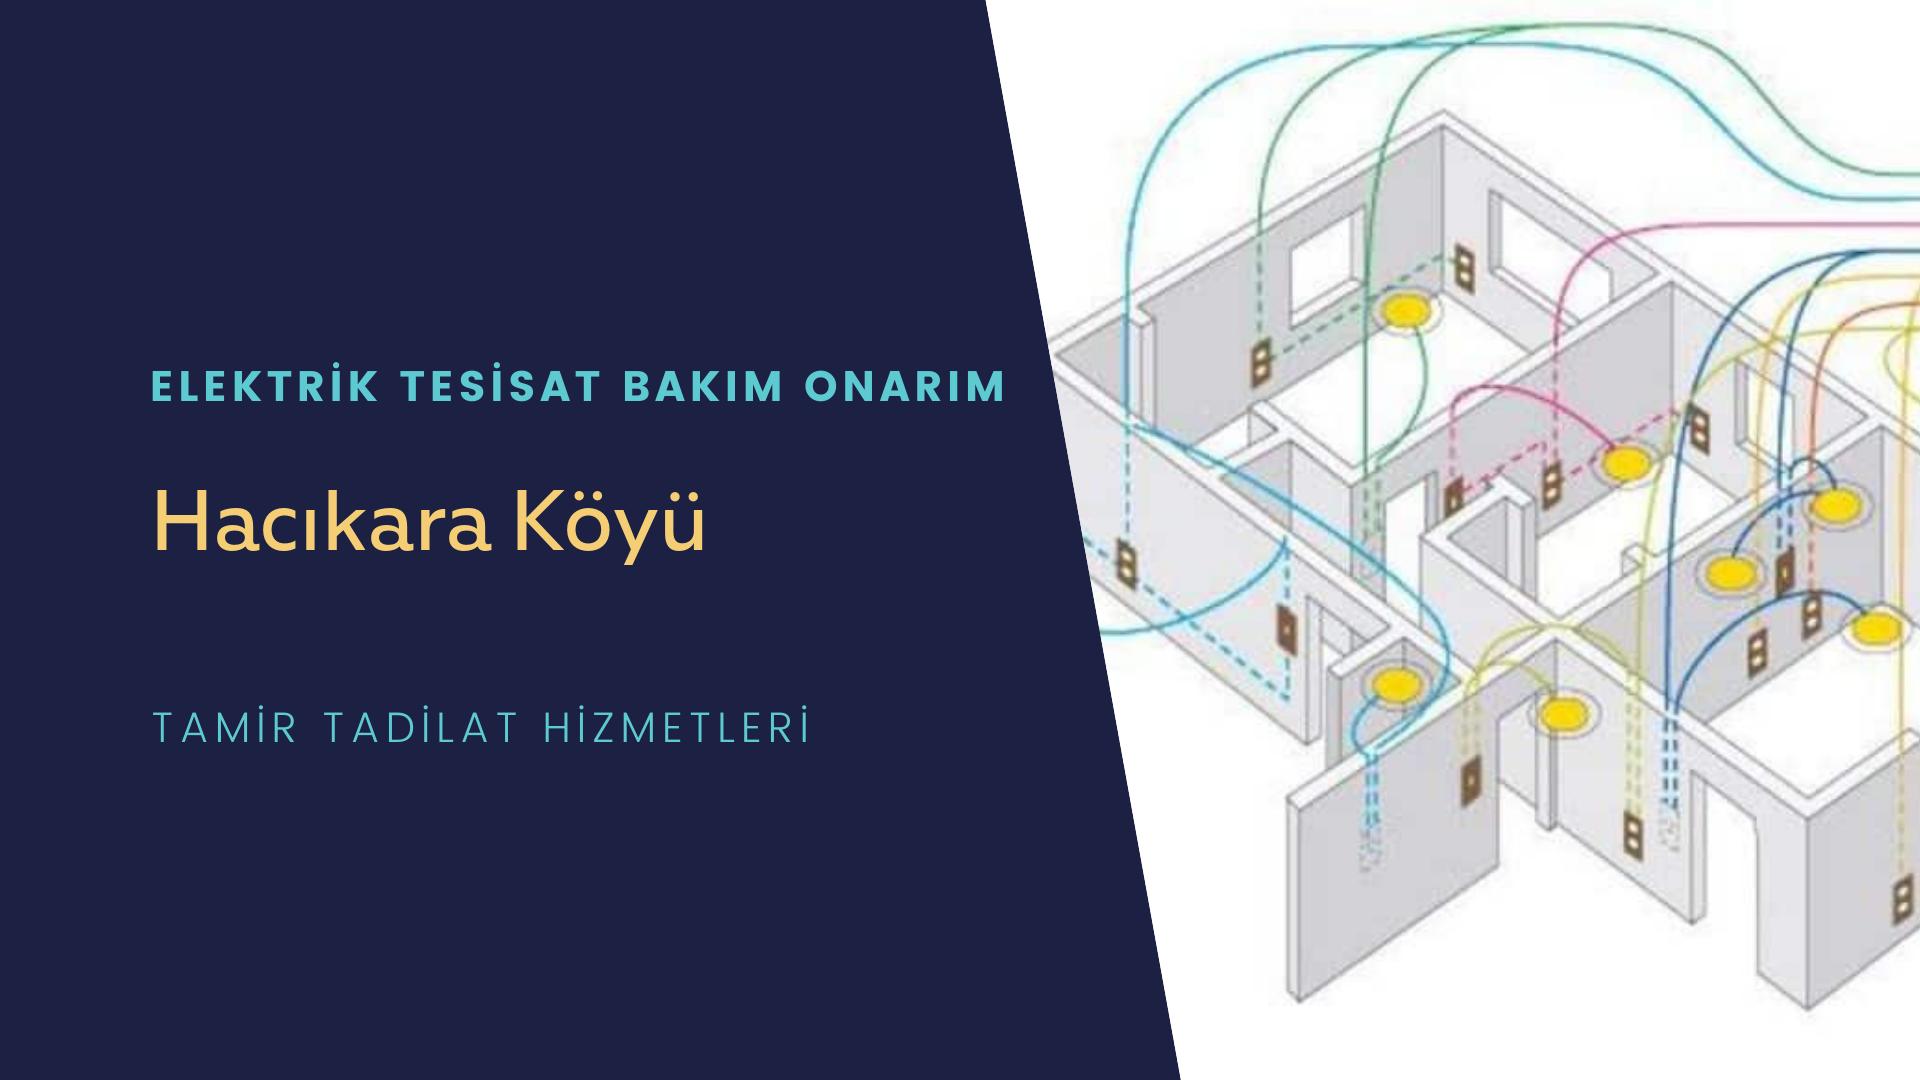 Hacıkara Köyü  elektrik tesisatıustalarımı arıyorsunuz doğru adrestenizi Hacıkara Köyü elektrik tesisatı ustalarımız 7/24 sizlere hizmet vermekten mutluluk duyar.